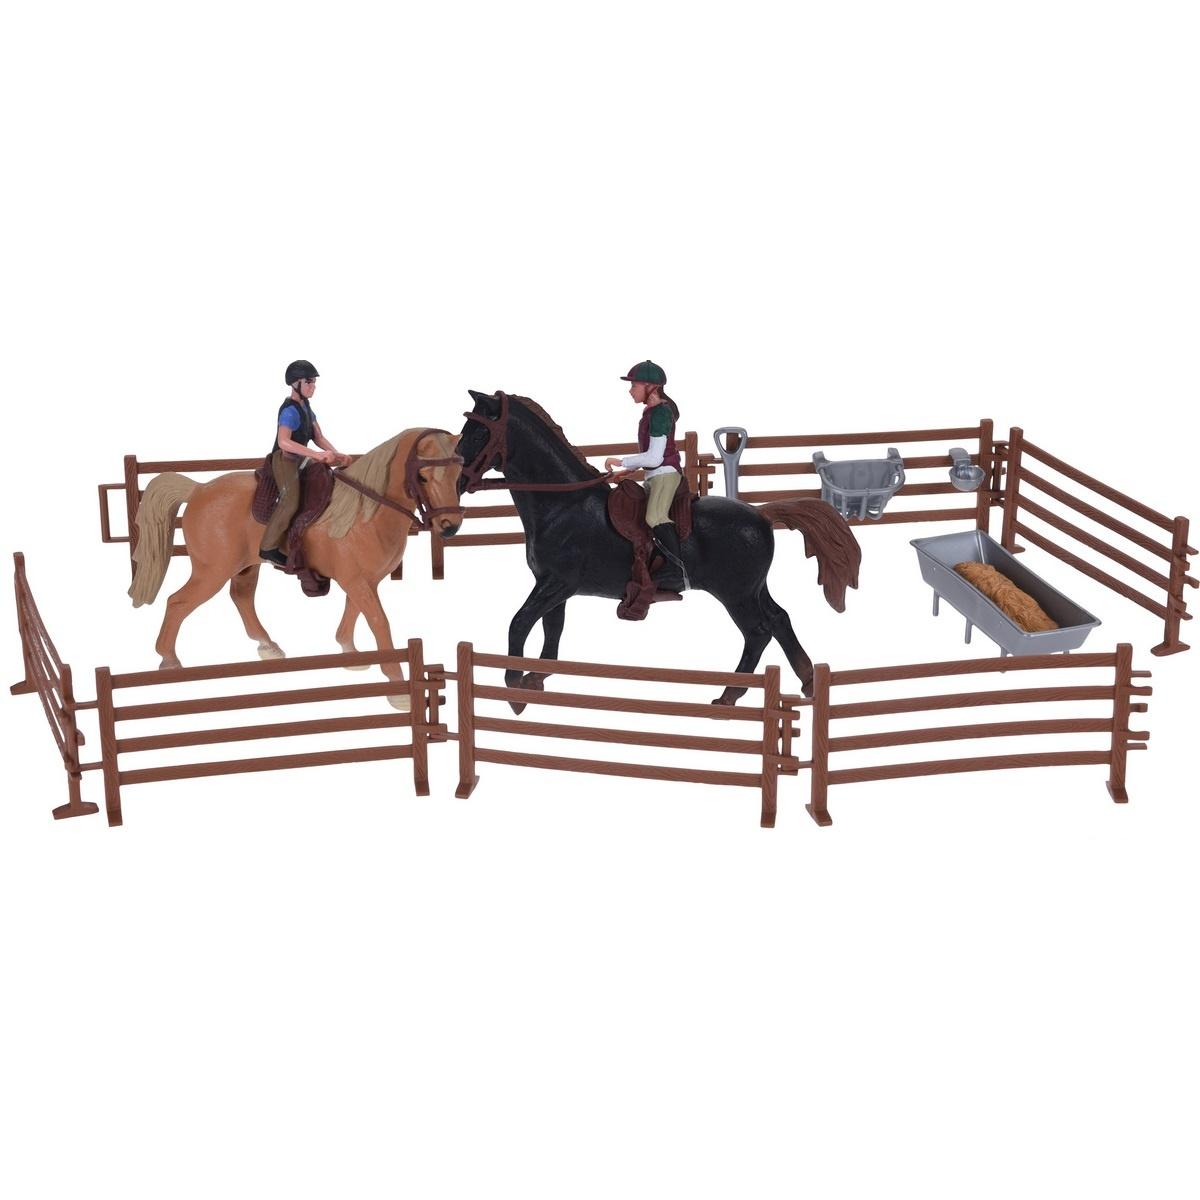 Koopman Dětský hrací set Koňská stáj, 21 cm